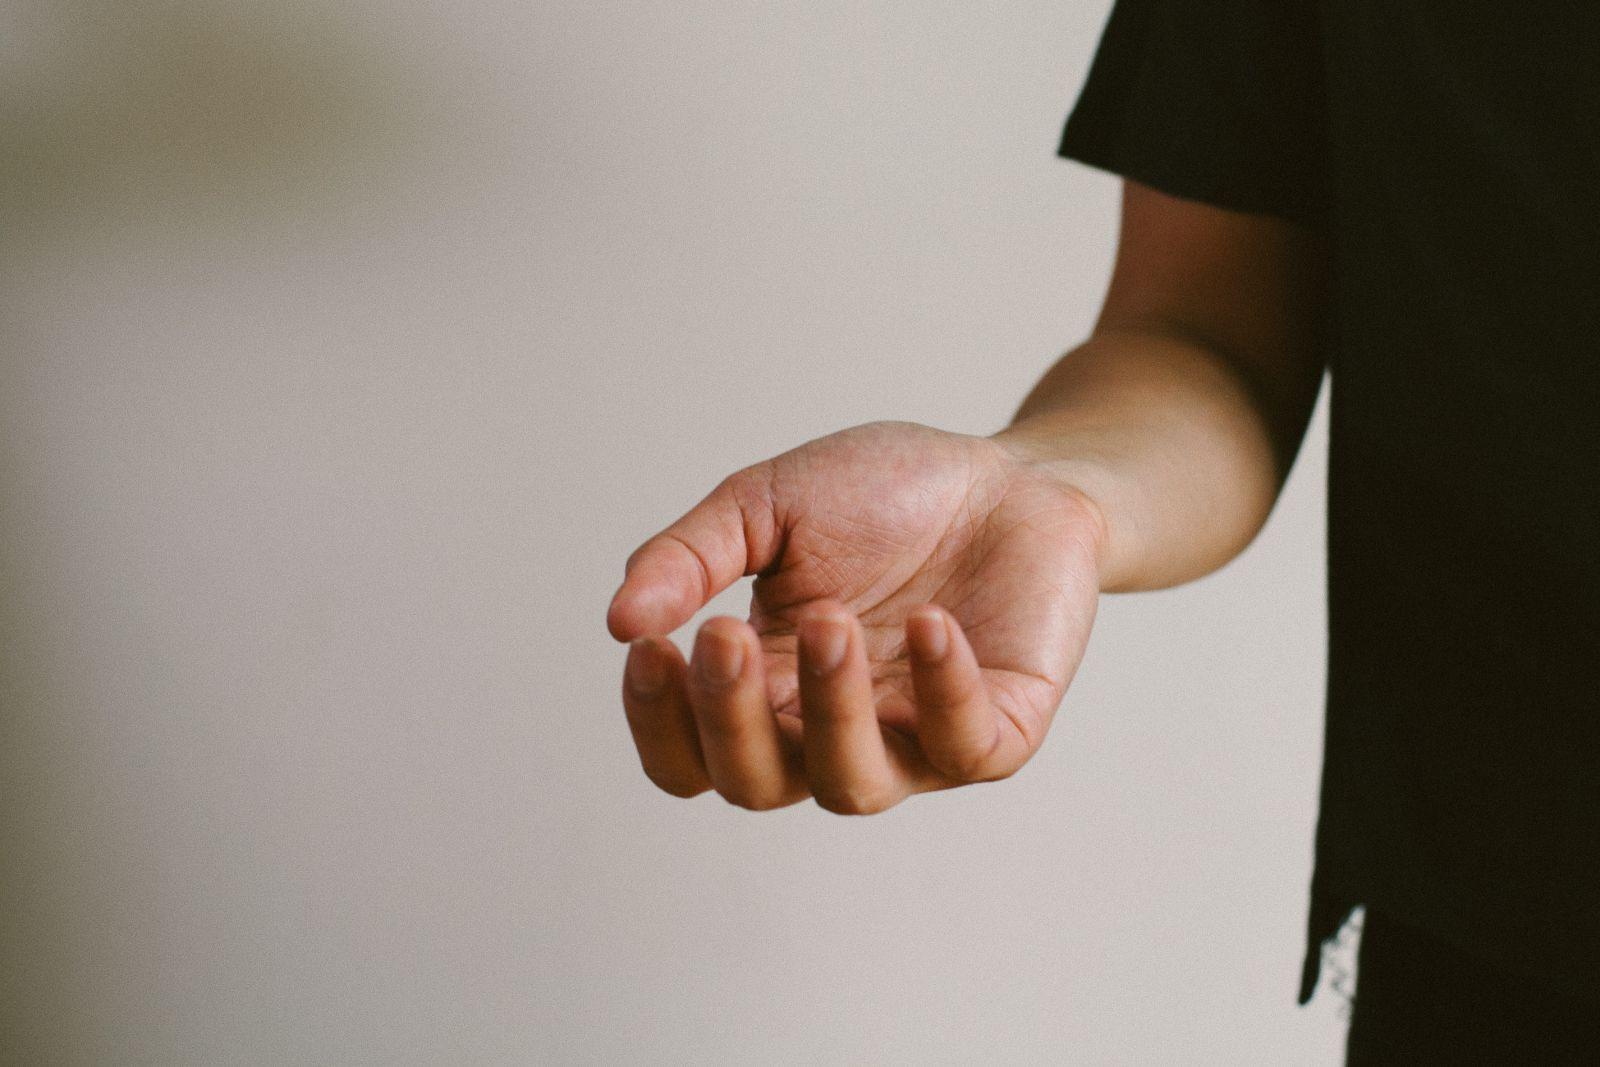 hb-hands-0316207264852247